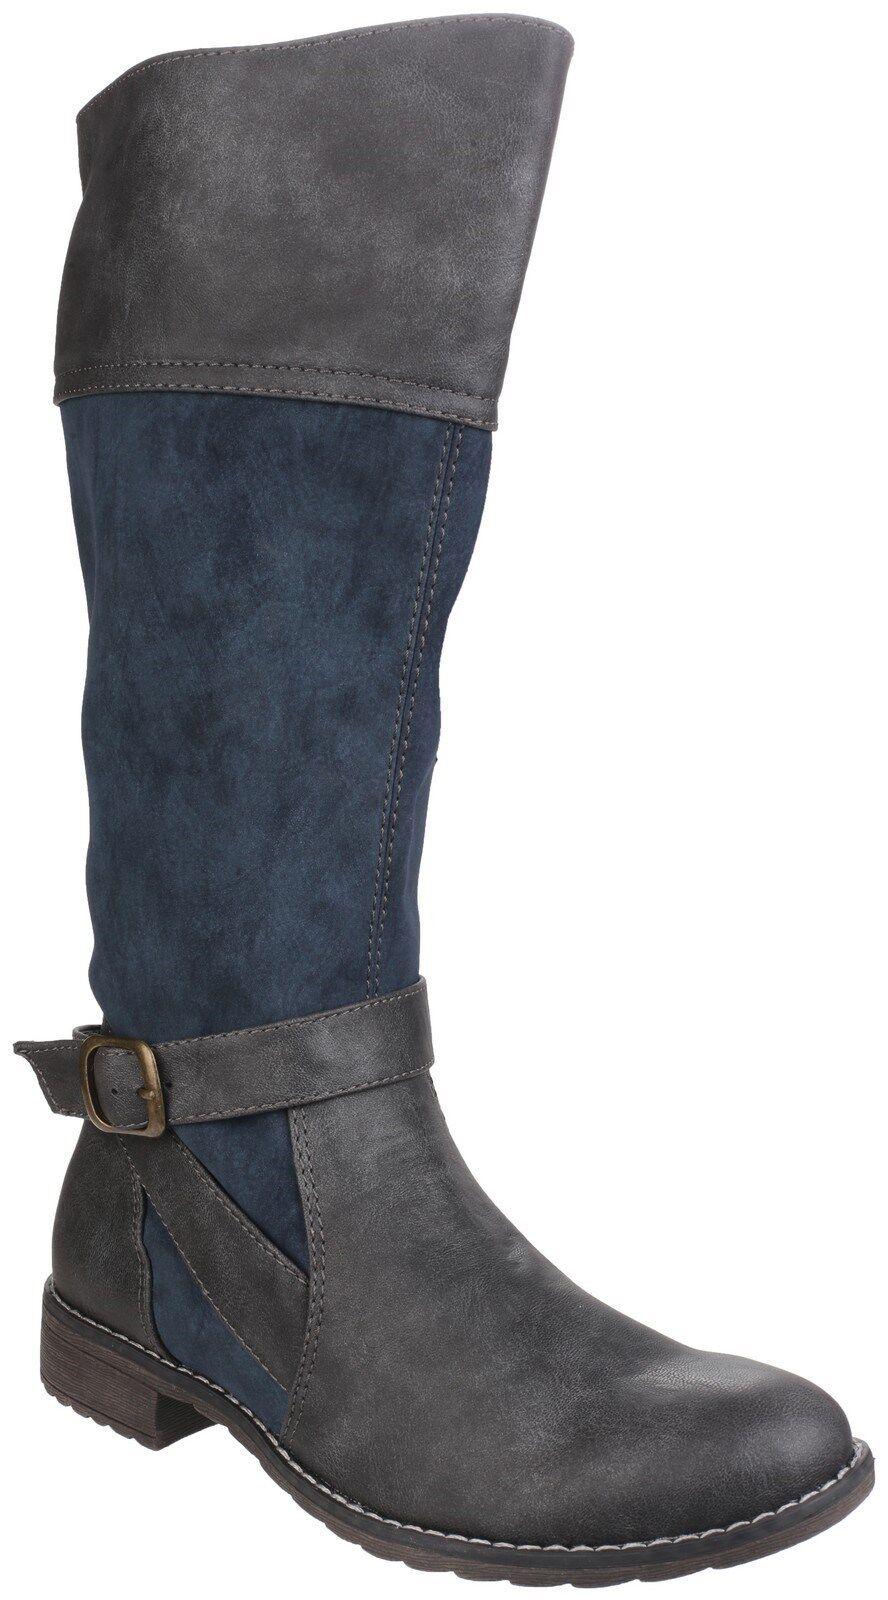 Divaz Garbo kniehoch Reißverschluss Damen zweifarbig Modische Stiefel Schuhe